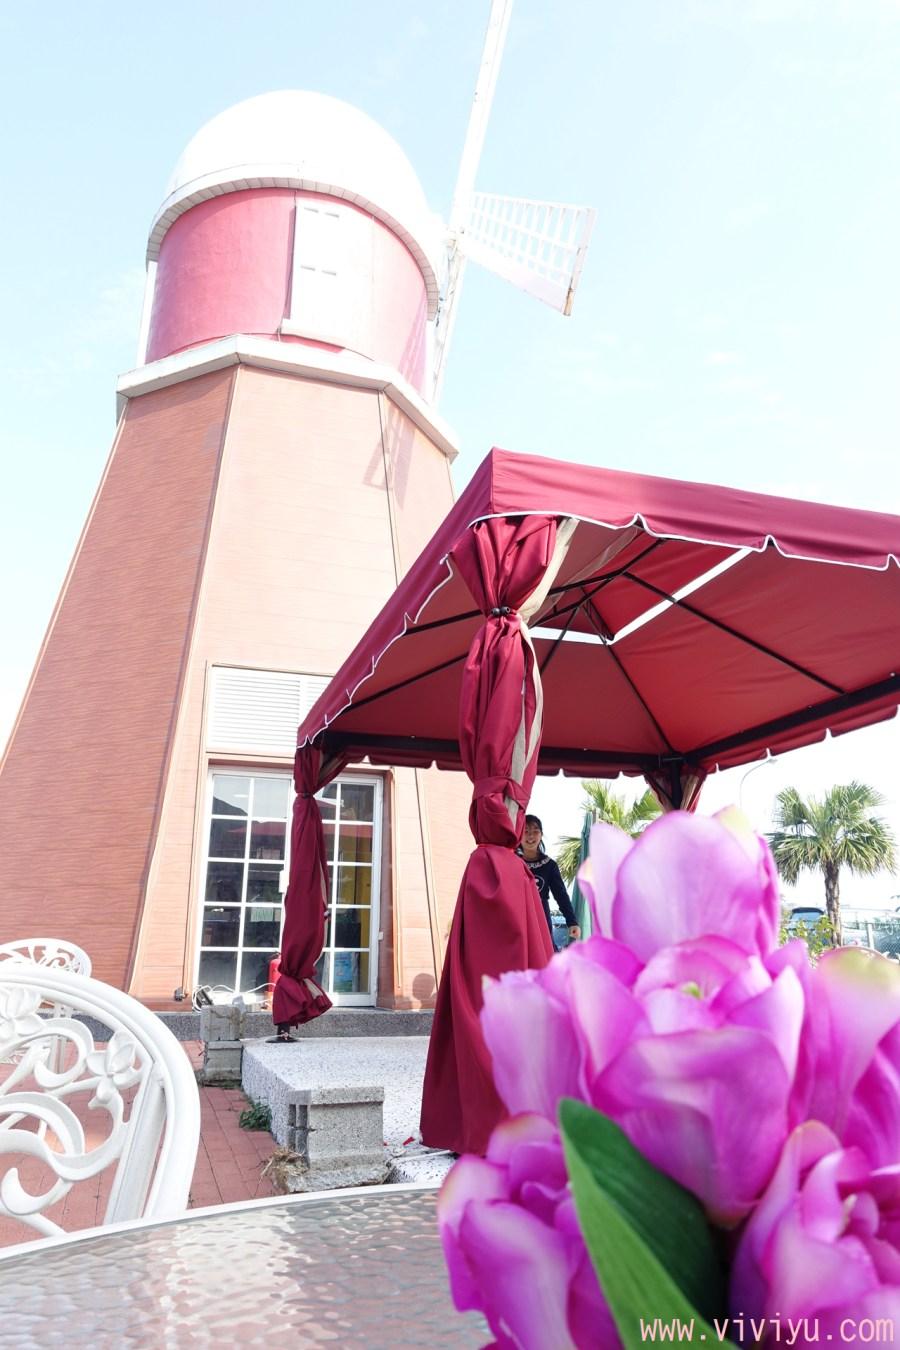 台南,台南旅遊,台南美食,台灣咖啡文化館,安平旅遊,安平景點,安平港休閒廣場,風車童話故事館 @VIVIYU小世界